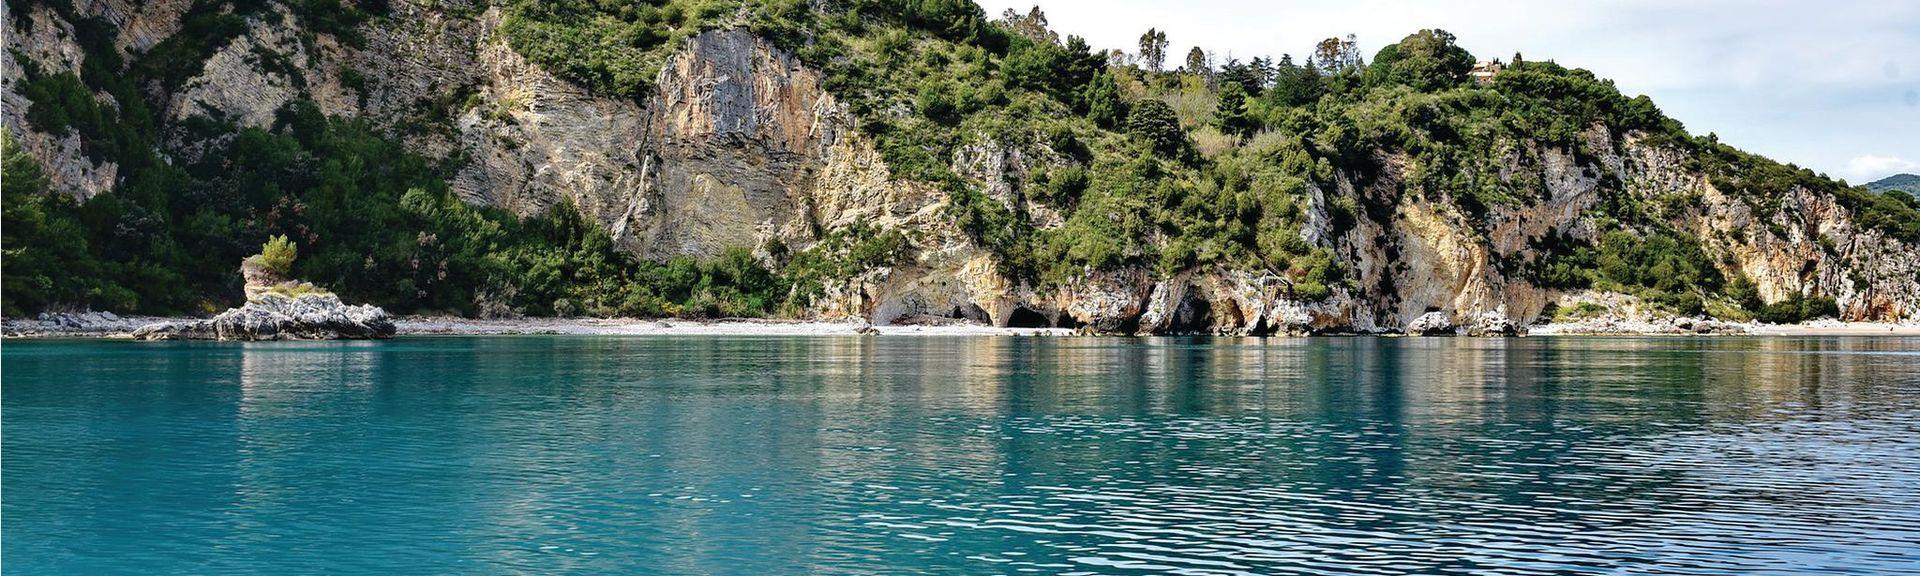 Roccagloriosa, Salerno, Campania, Italy